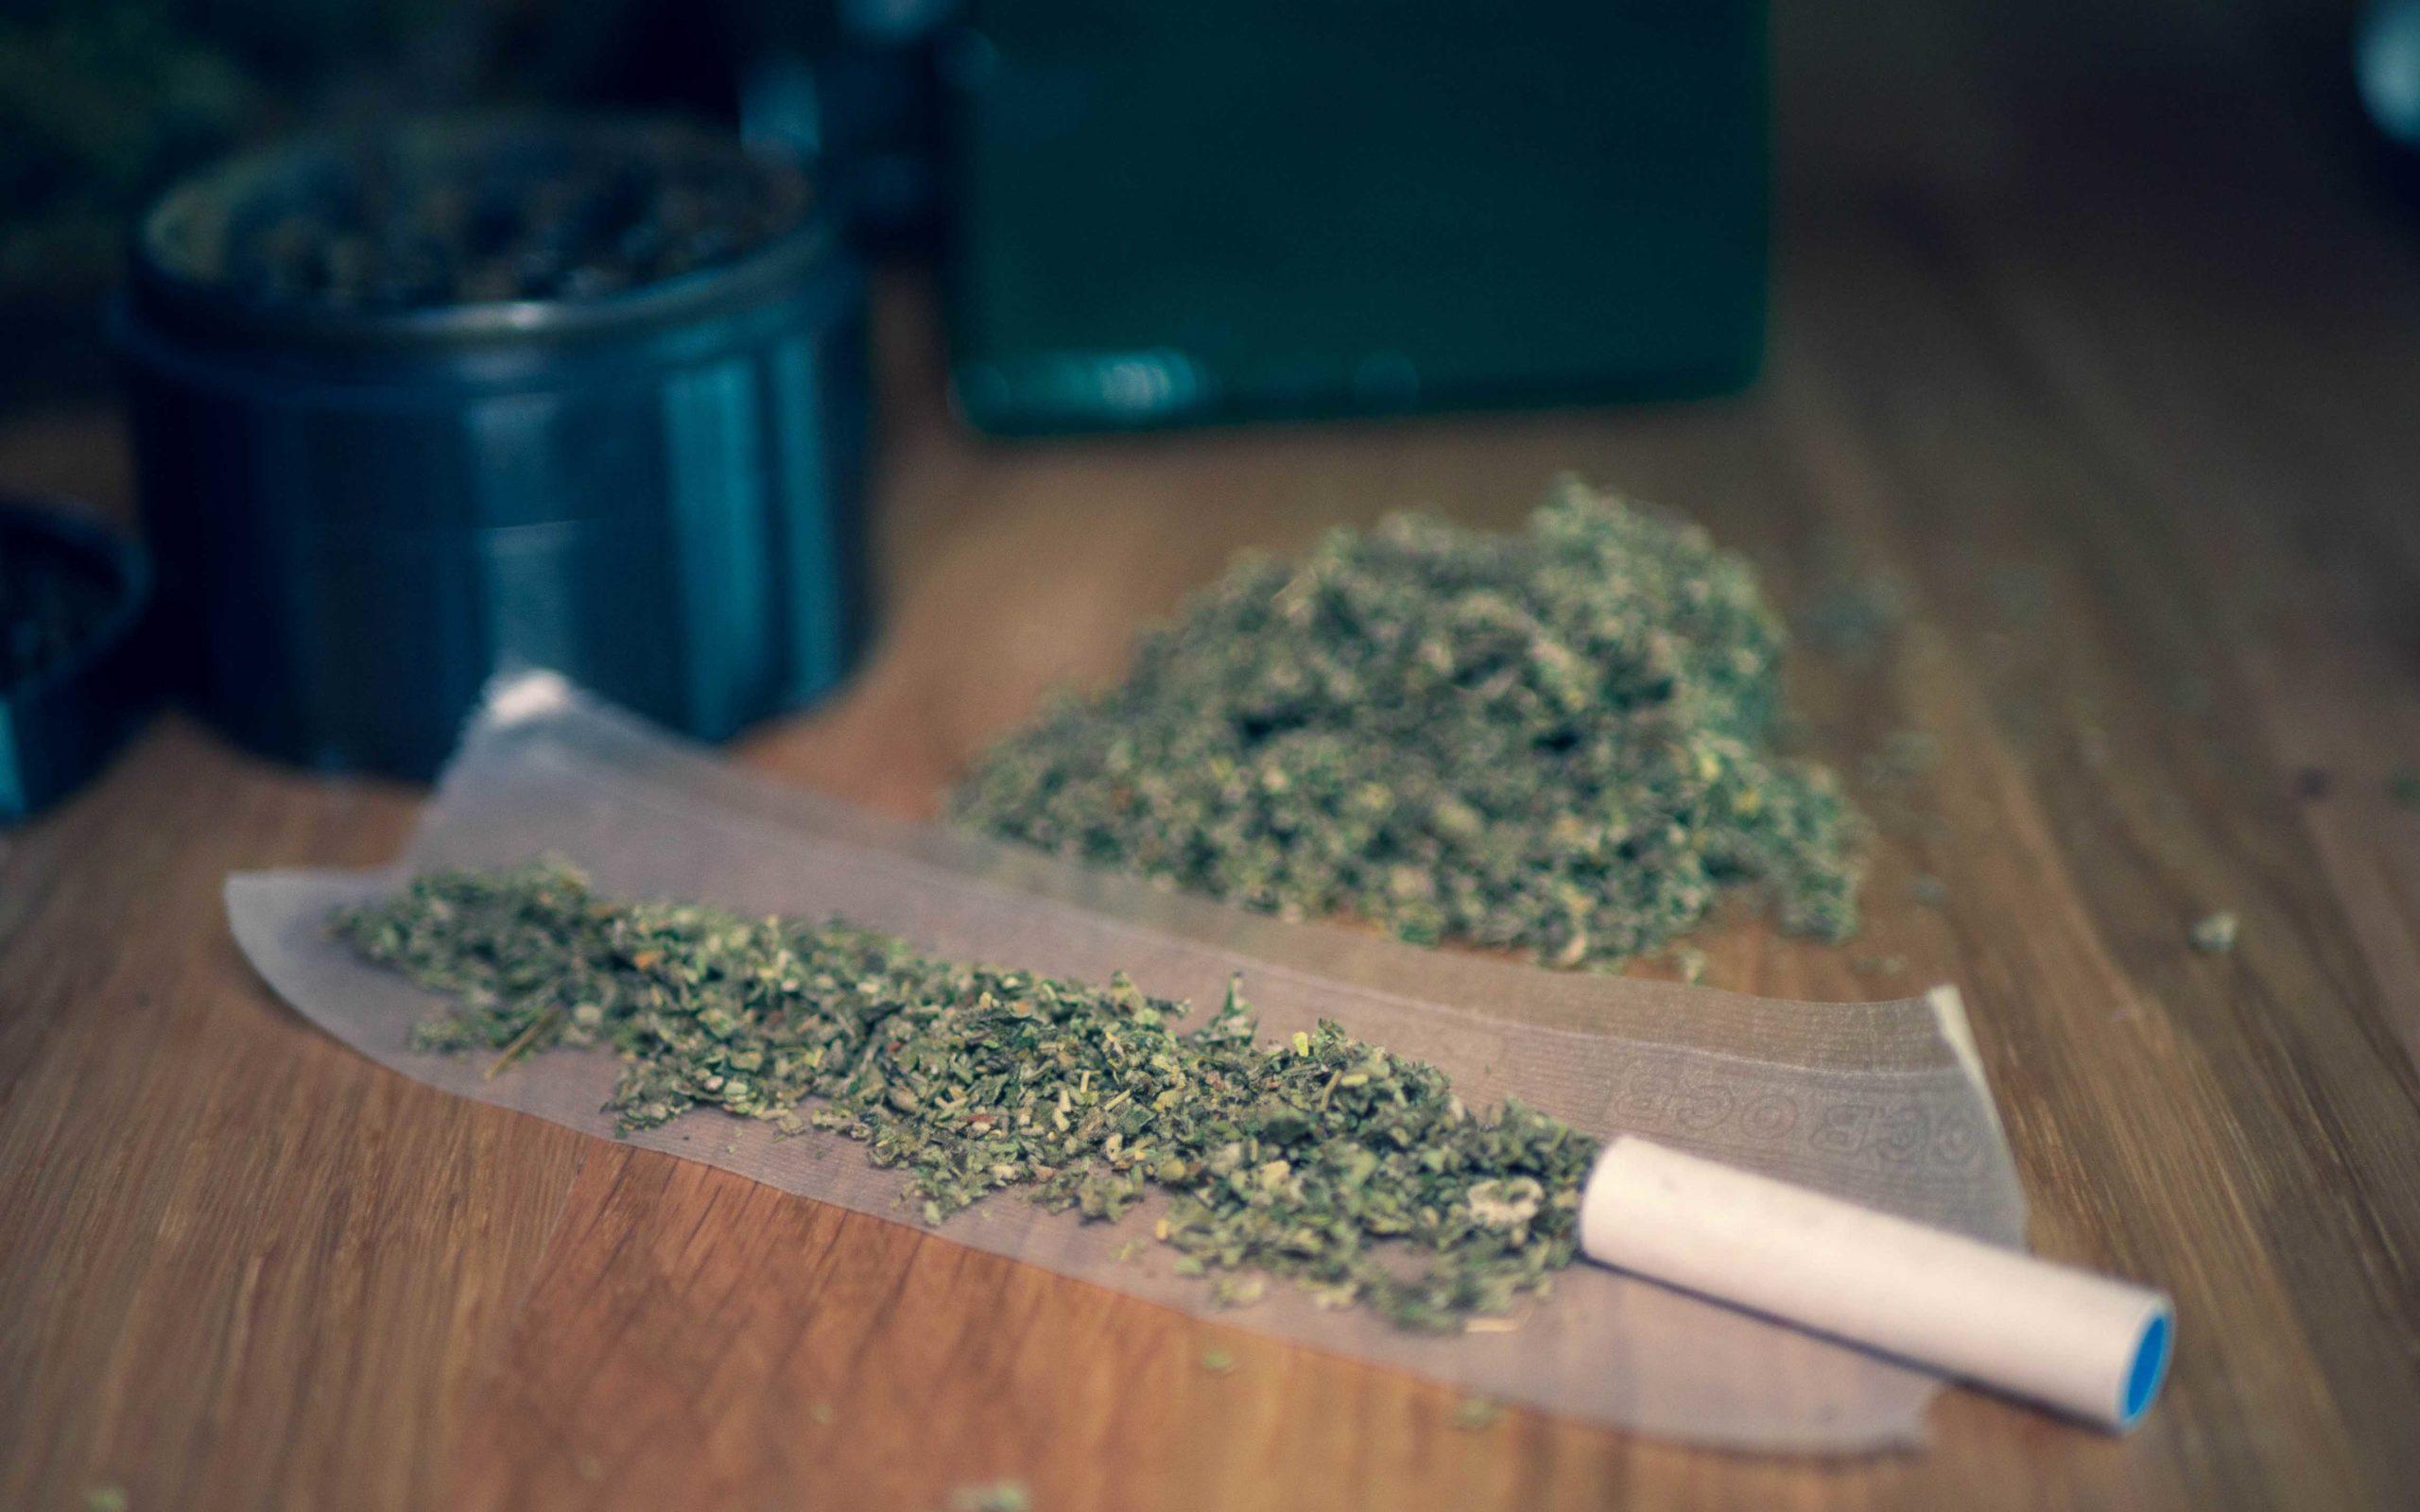 Joint mit Kräutermischung als Tabakalternative